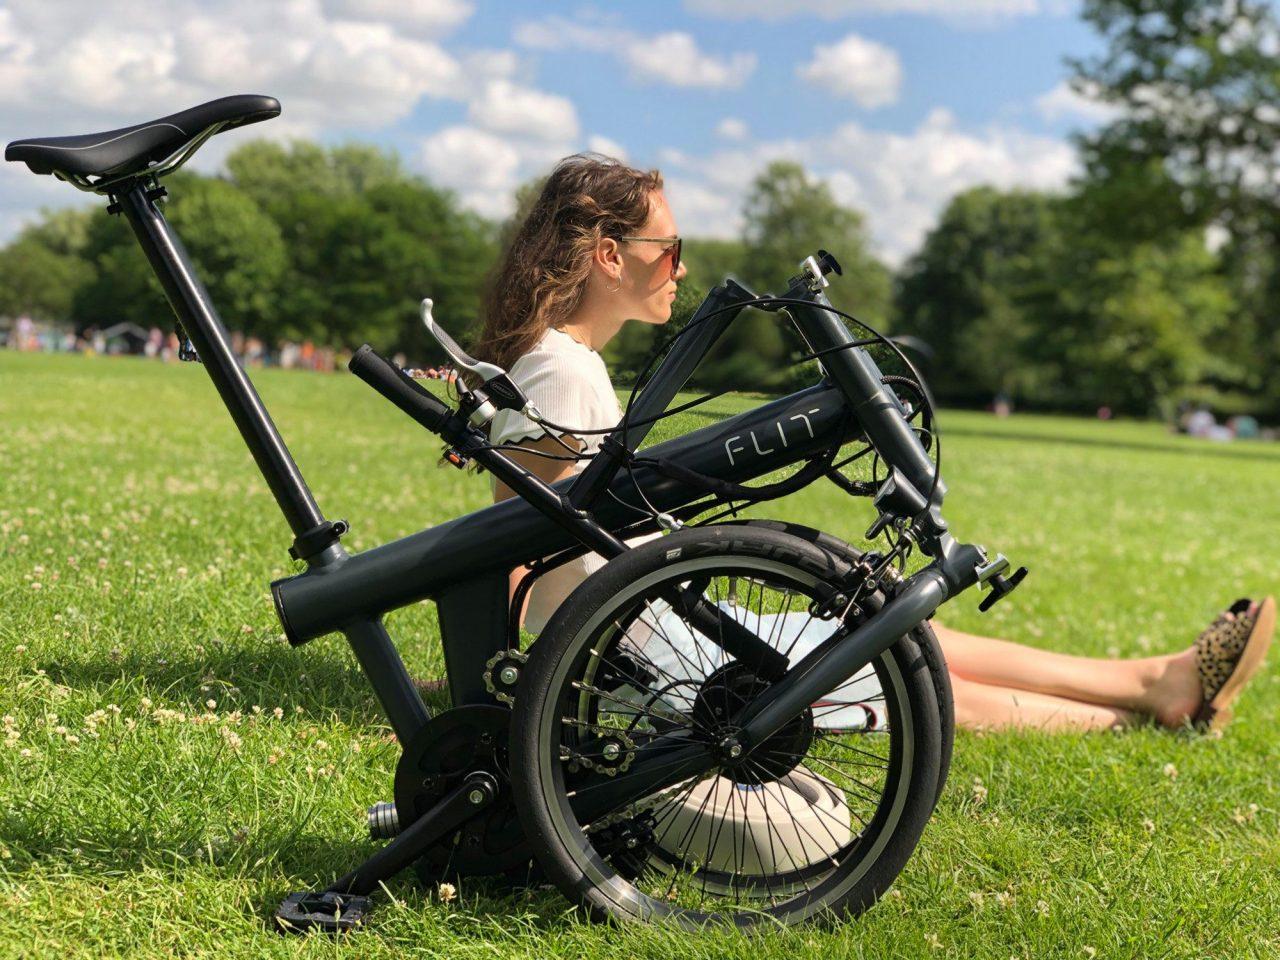 折り畳みはわずか10秒!クールなデザインの乗り心地最高な折り畳み式電動自転車『FLIT-16』